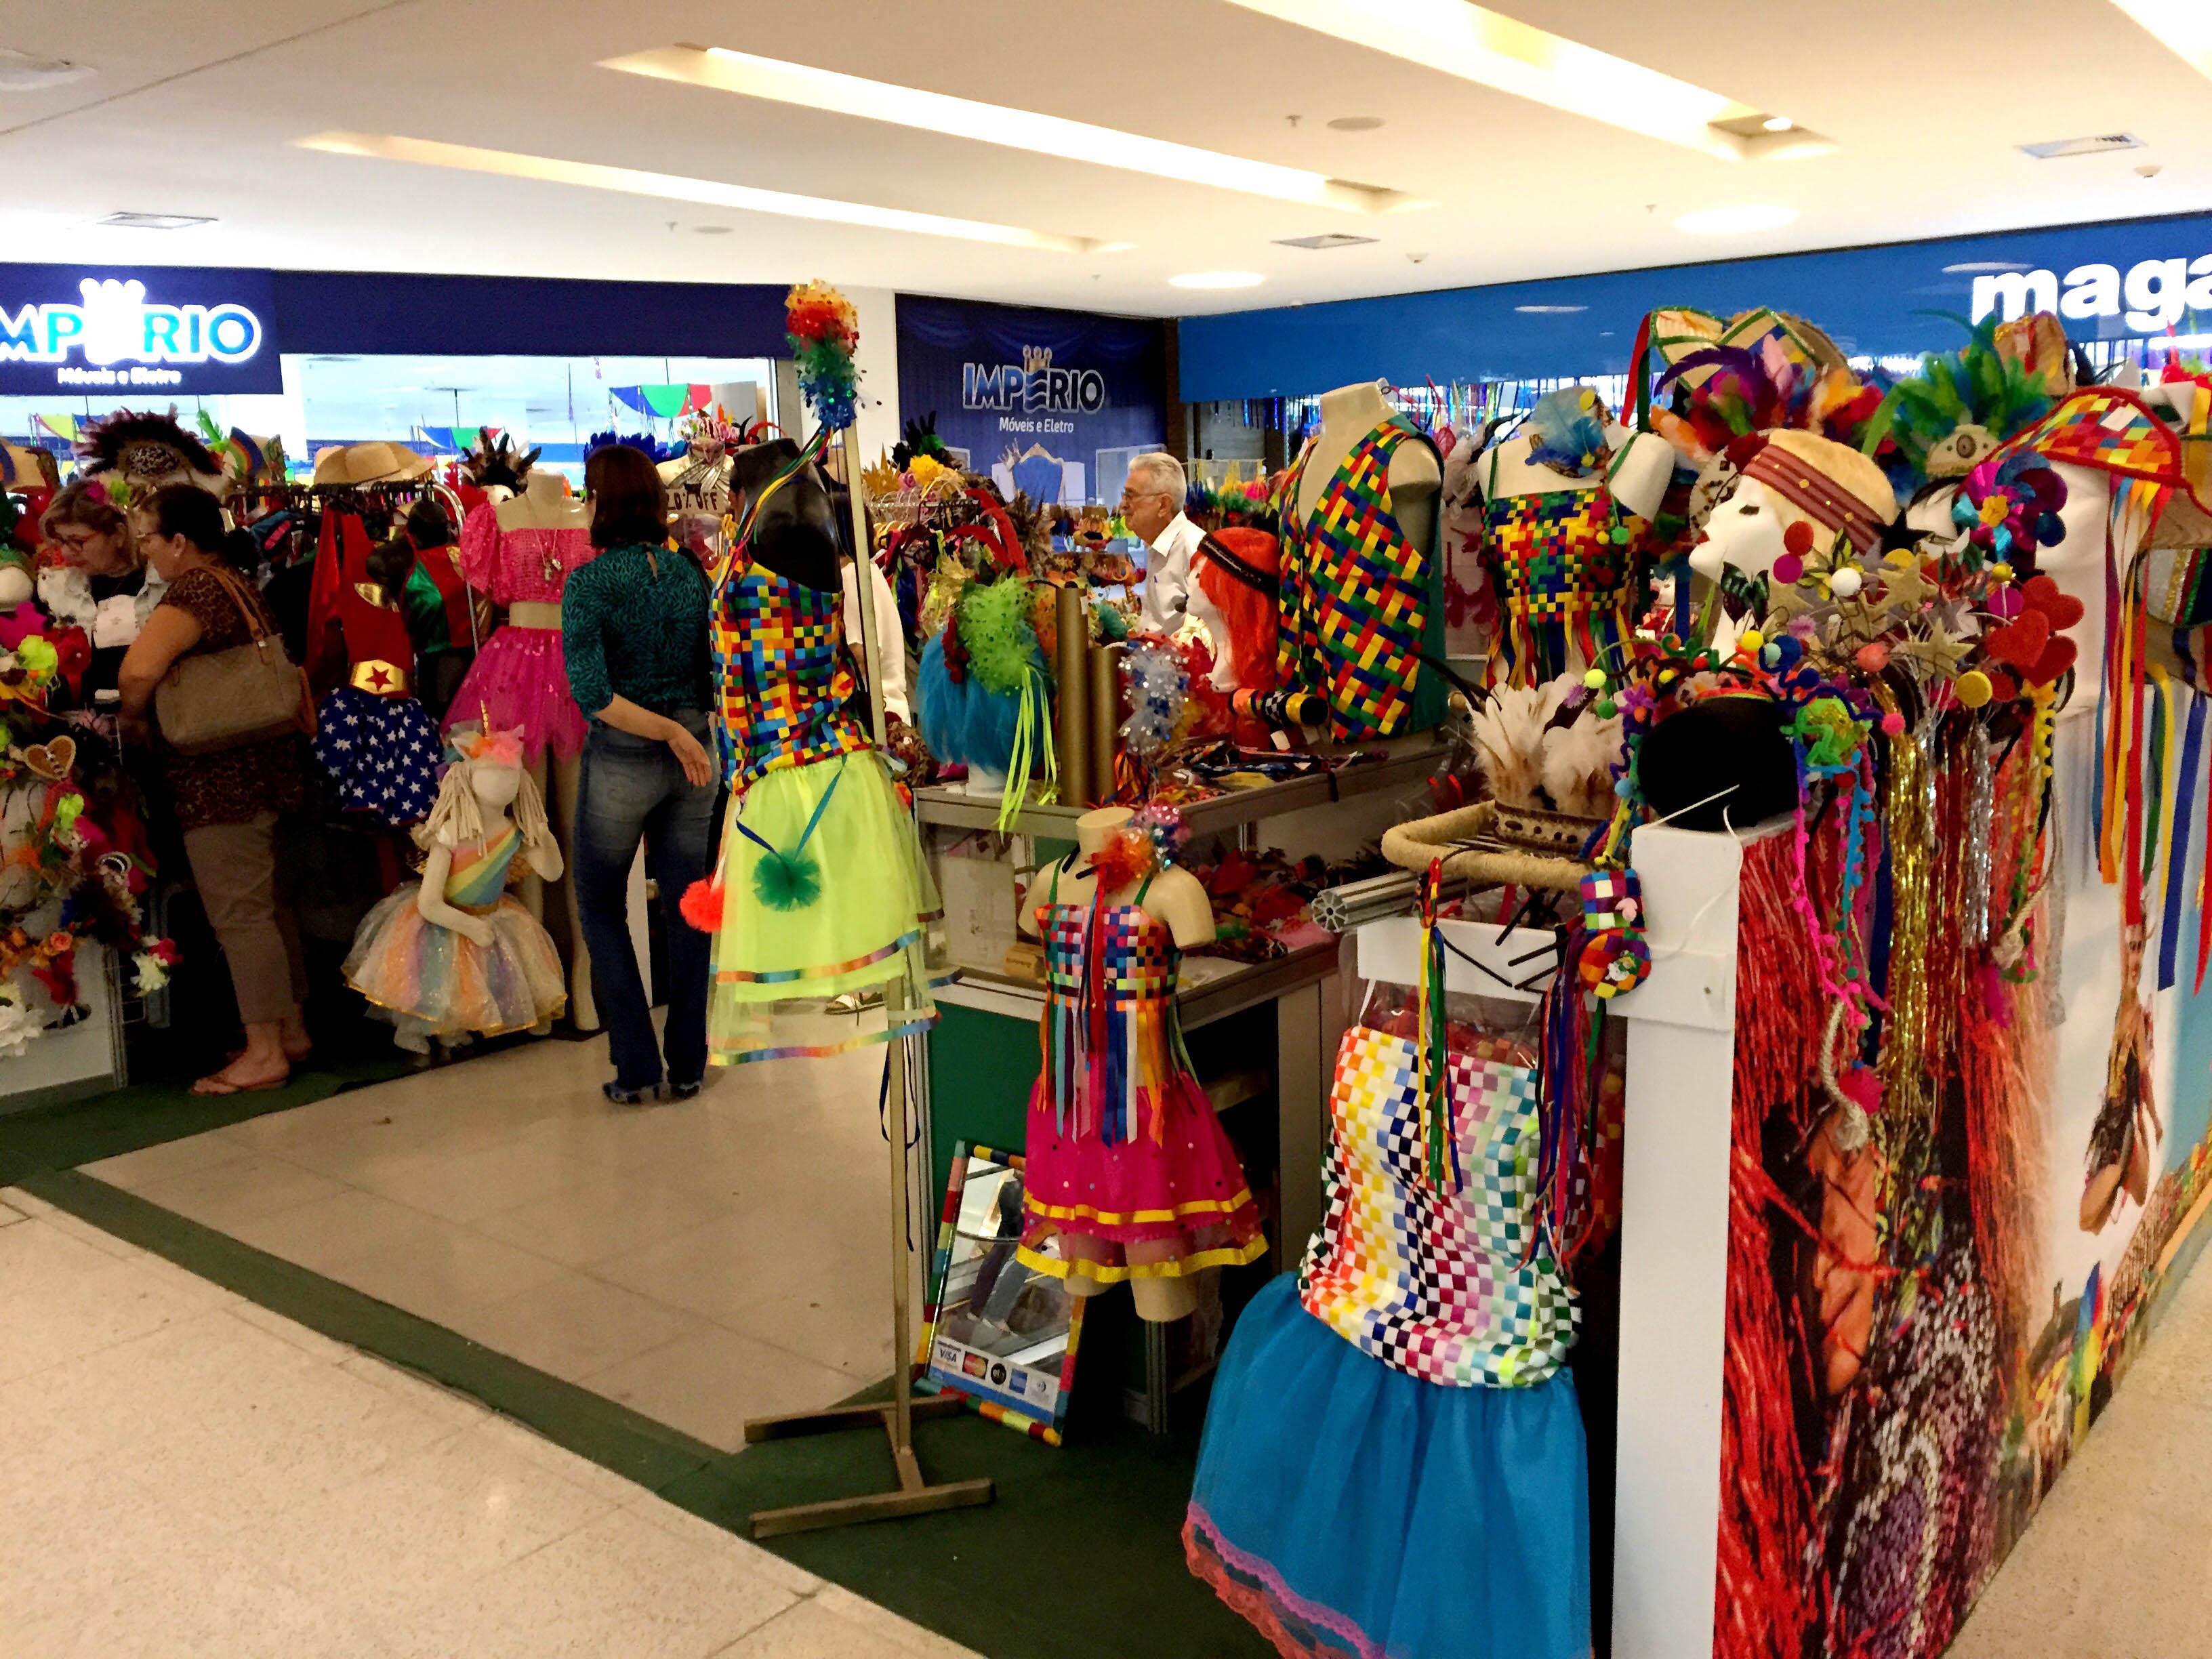 Shopping Recife promove feirinha com nove marcas até 2 de março. Credito: Eduardo Sena/Divulgação